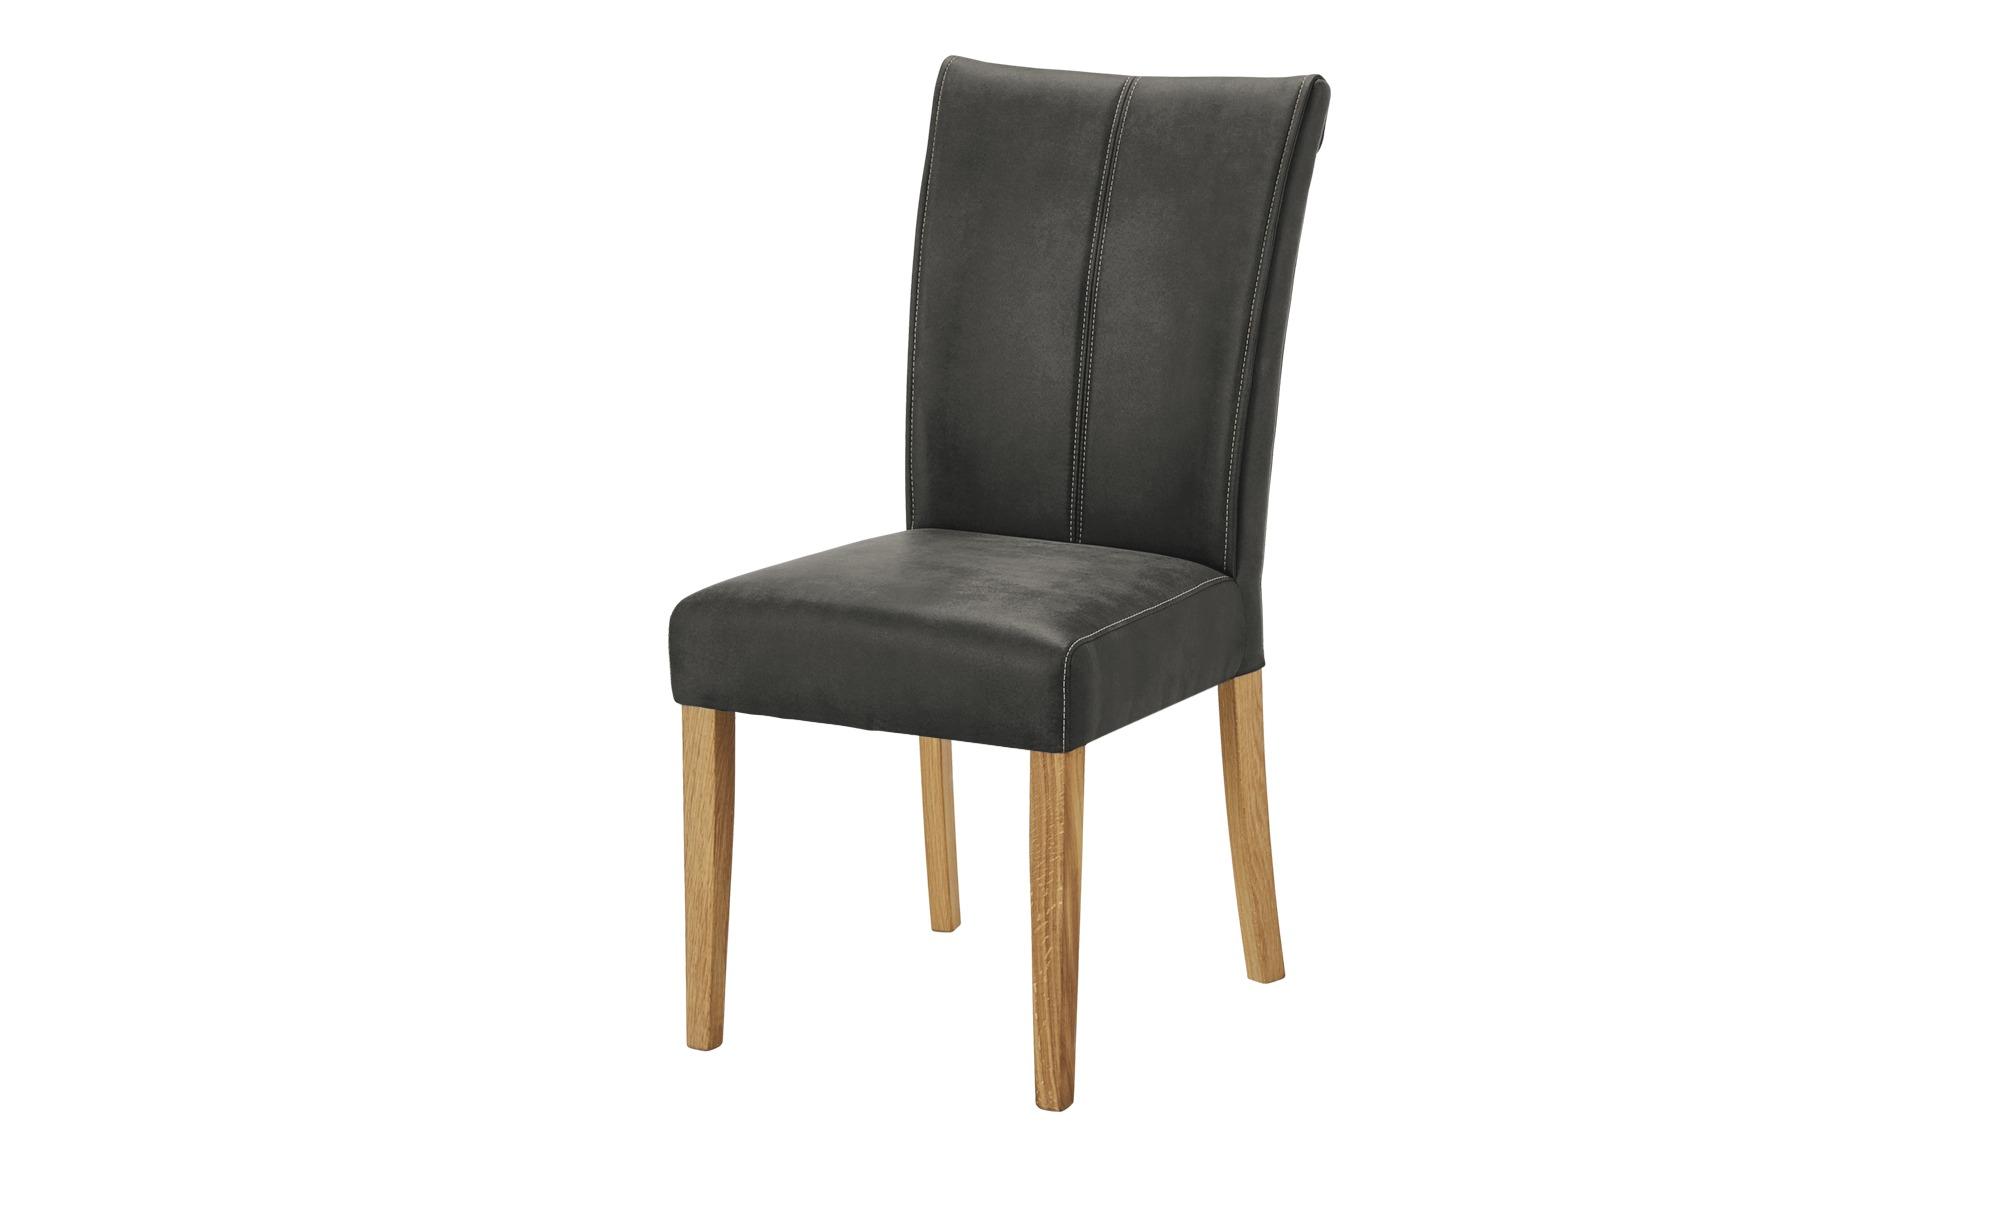 Woodford Stuhl Alina grau 48 cm 97 cm 60,5 cm Stühle > Esszimmerstühle Möbel Kraft